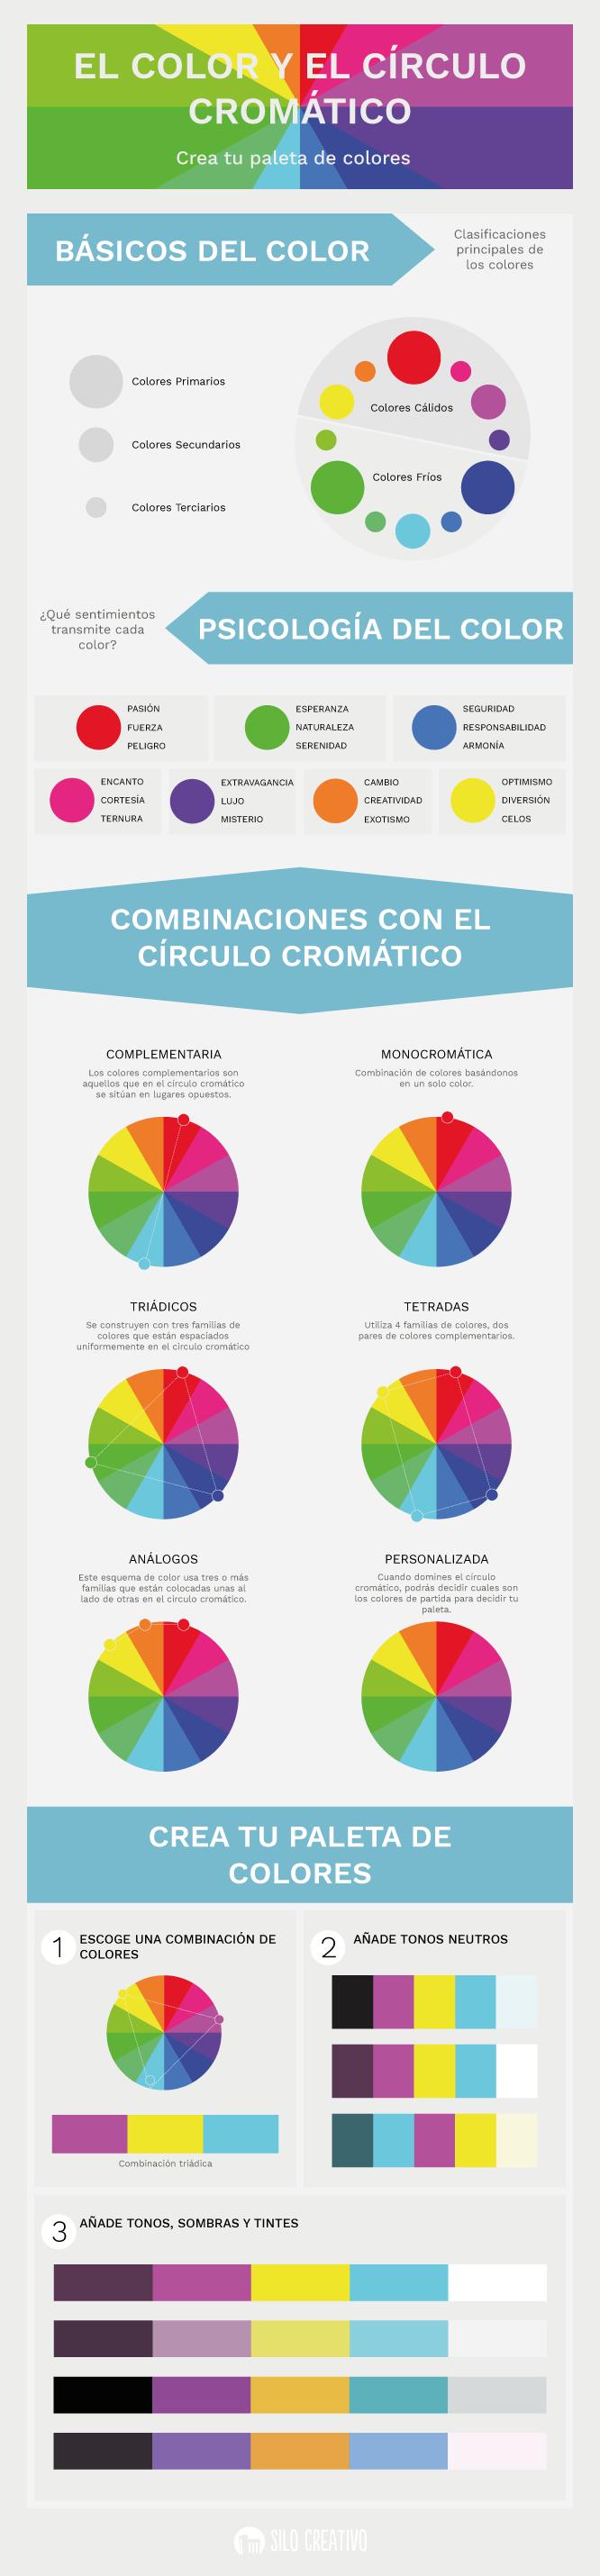 combinaciones-colores-circulo-cromatico